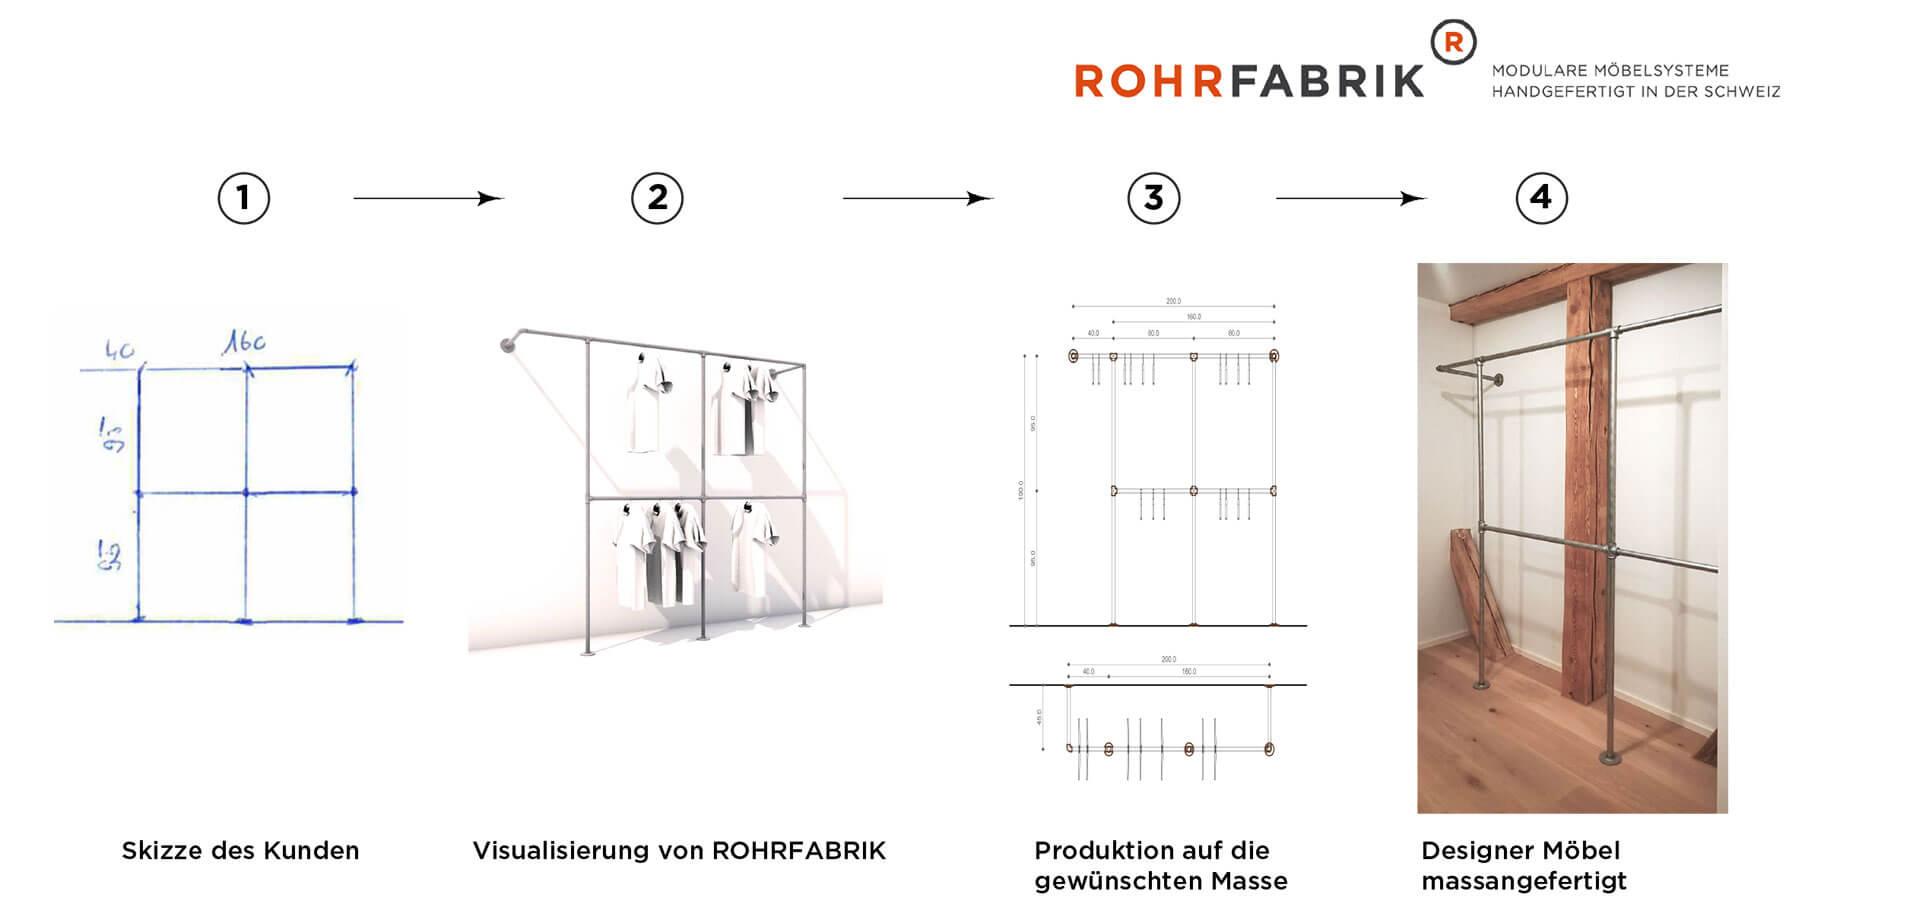 3-kleiderstange-einrichtung-concept-konzept-interieur-design-rohrfabrik-moebel-kleiderstaender-kleider-zimmer-rohr-gestell-regal.jpg